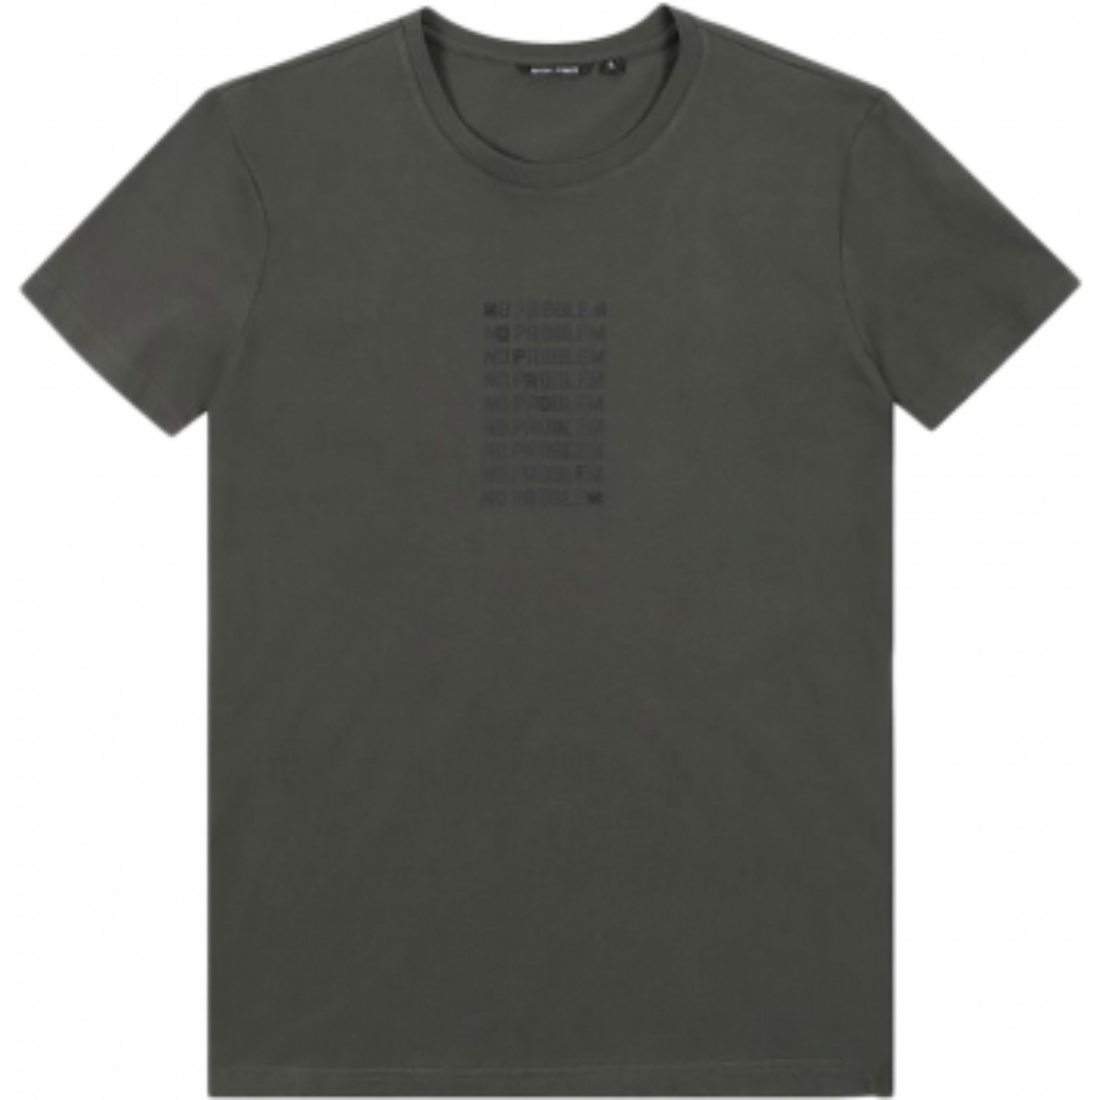 T-shirt slimfit jersey cott. green bottle 4064